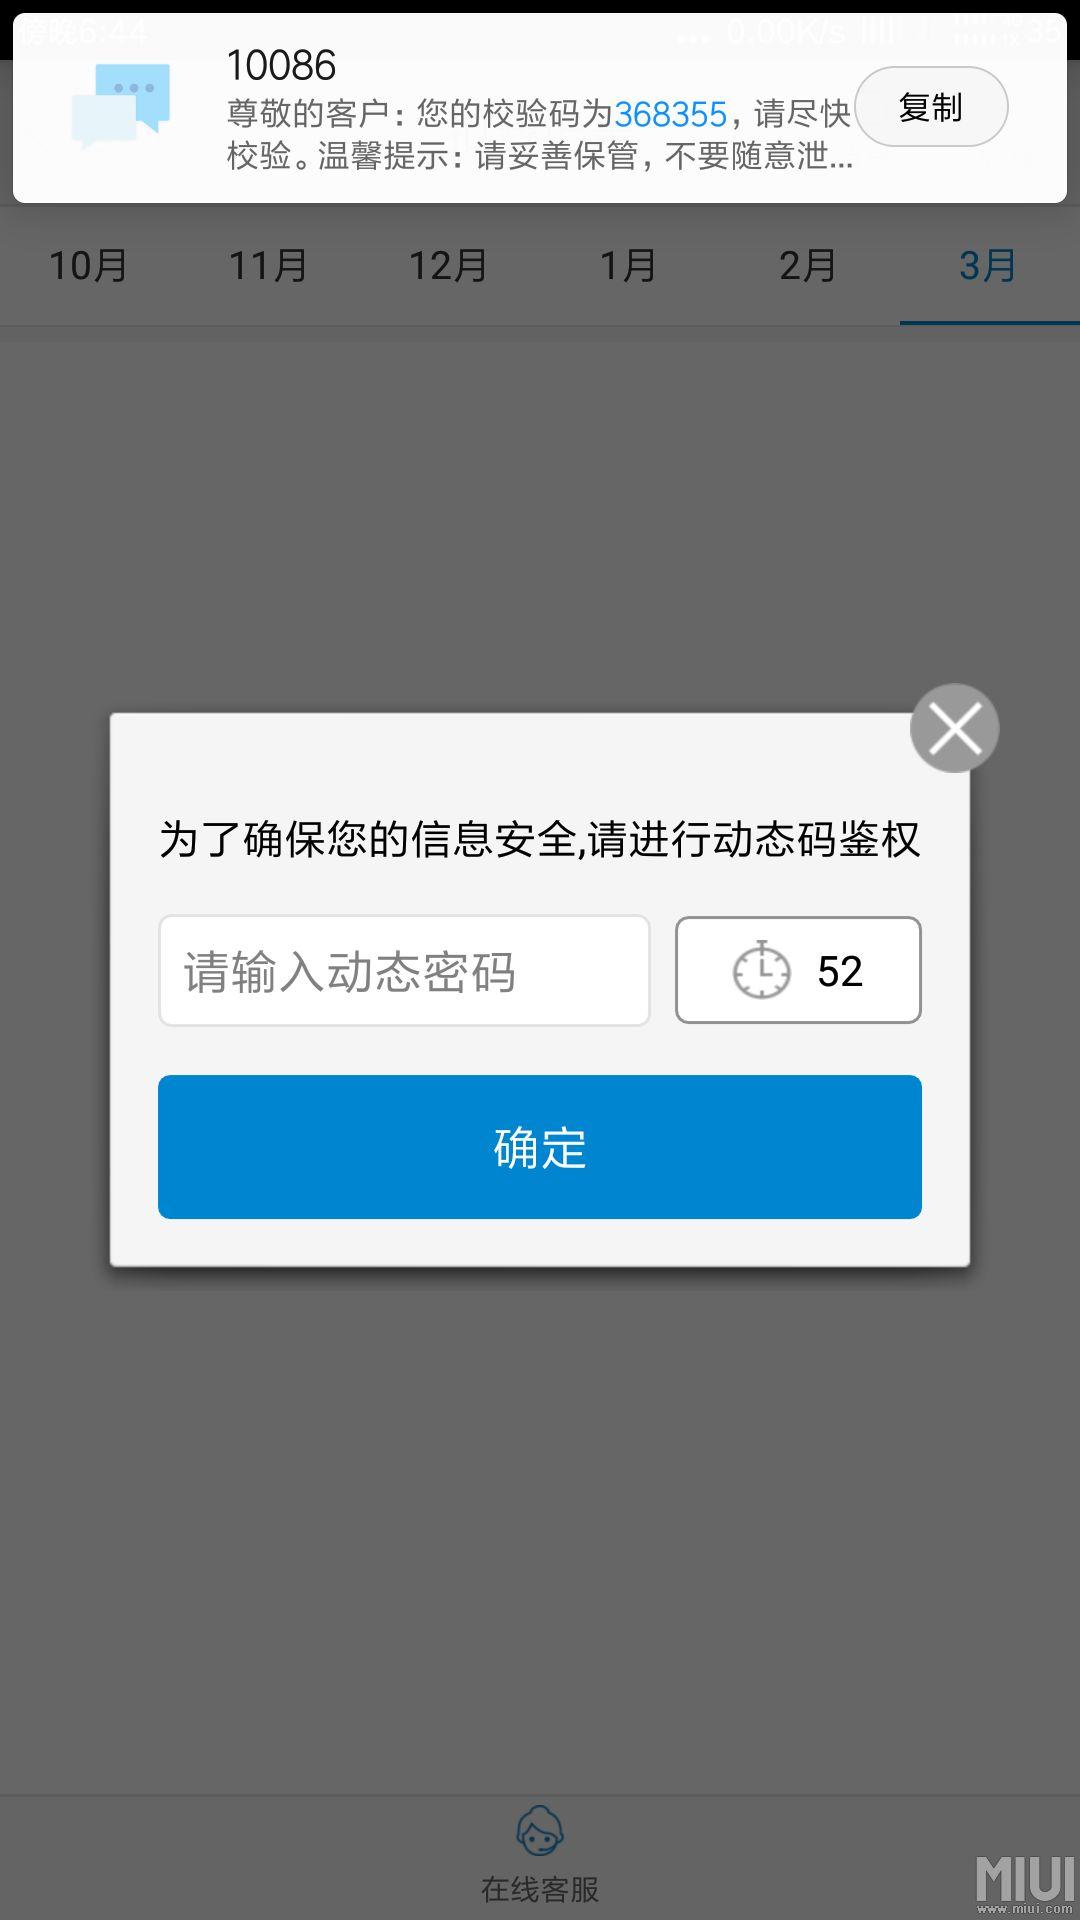 短信验证码示例